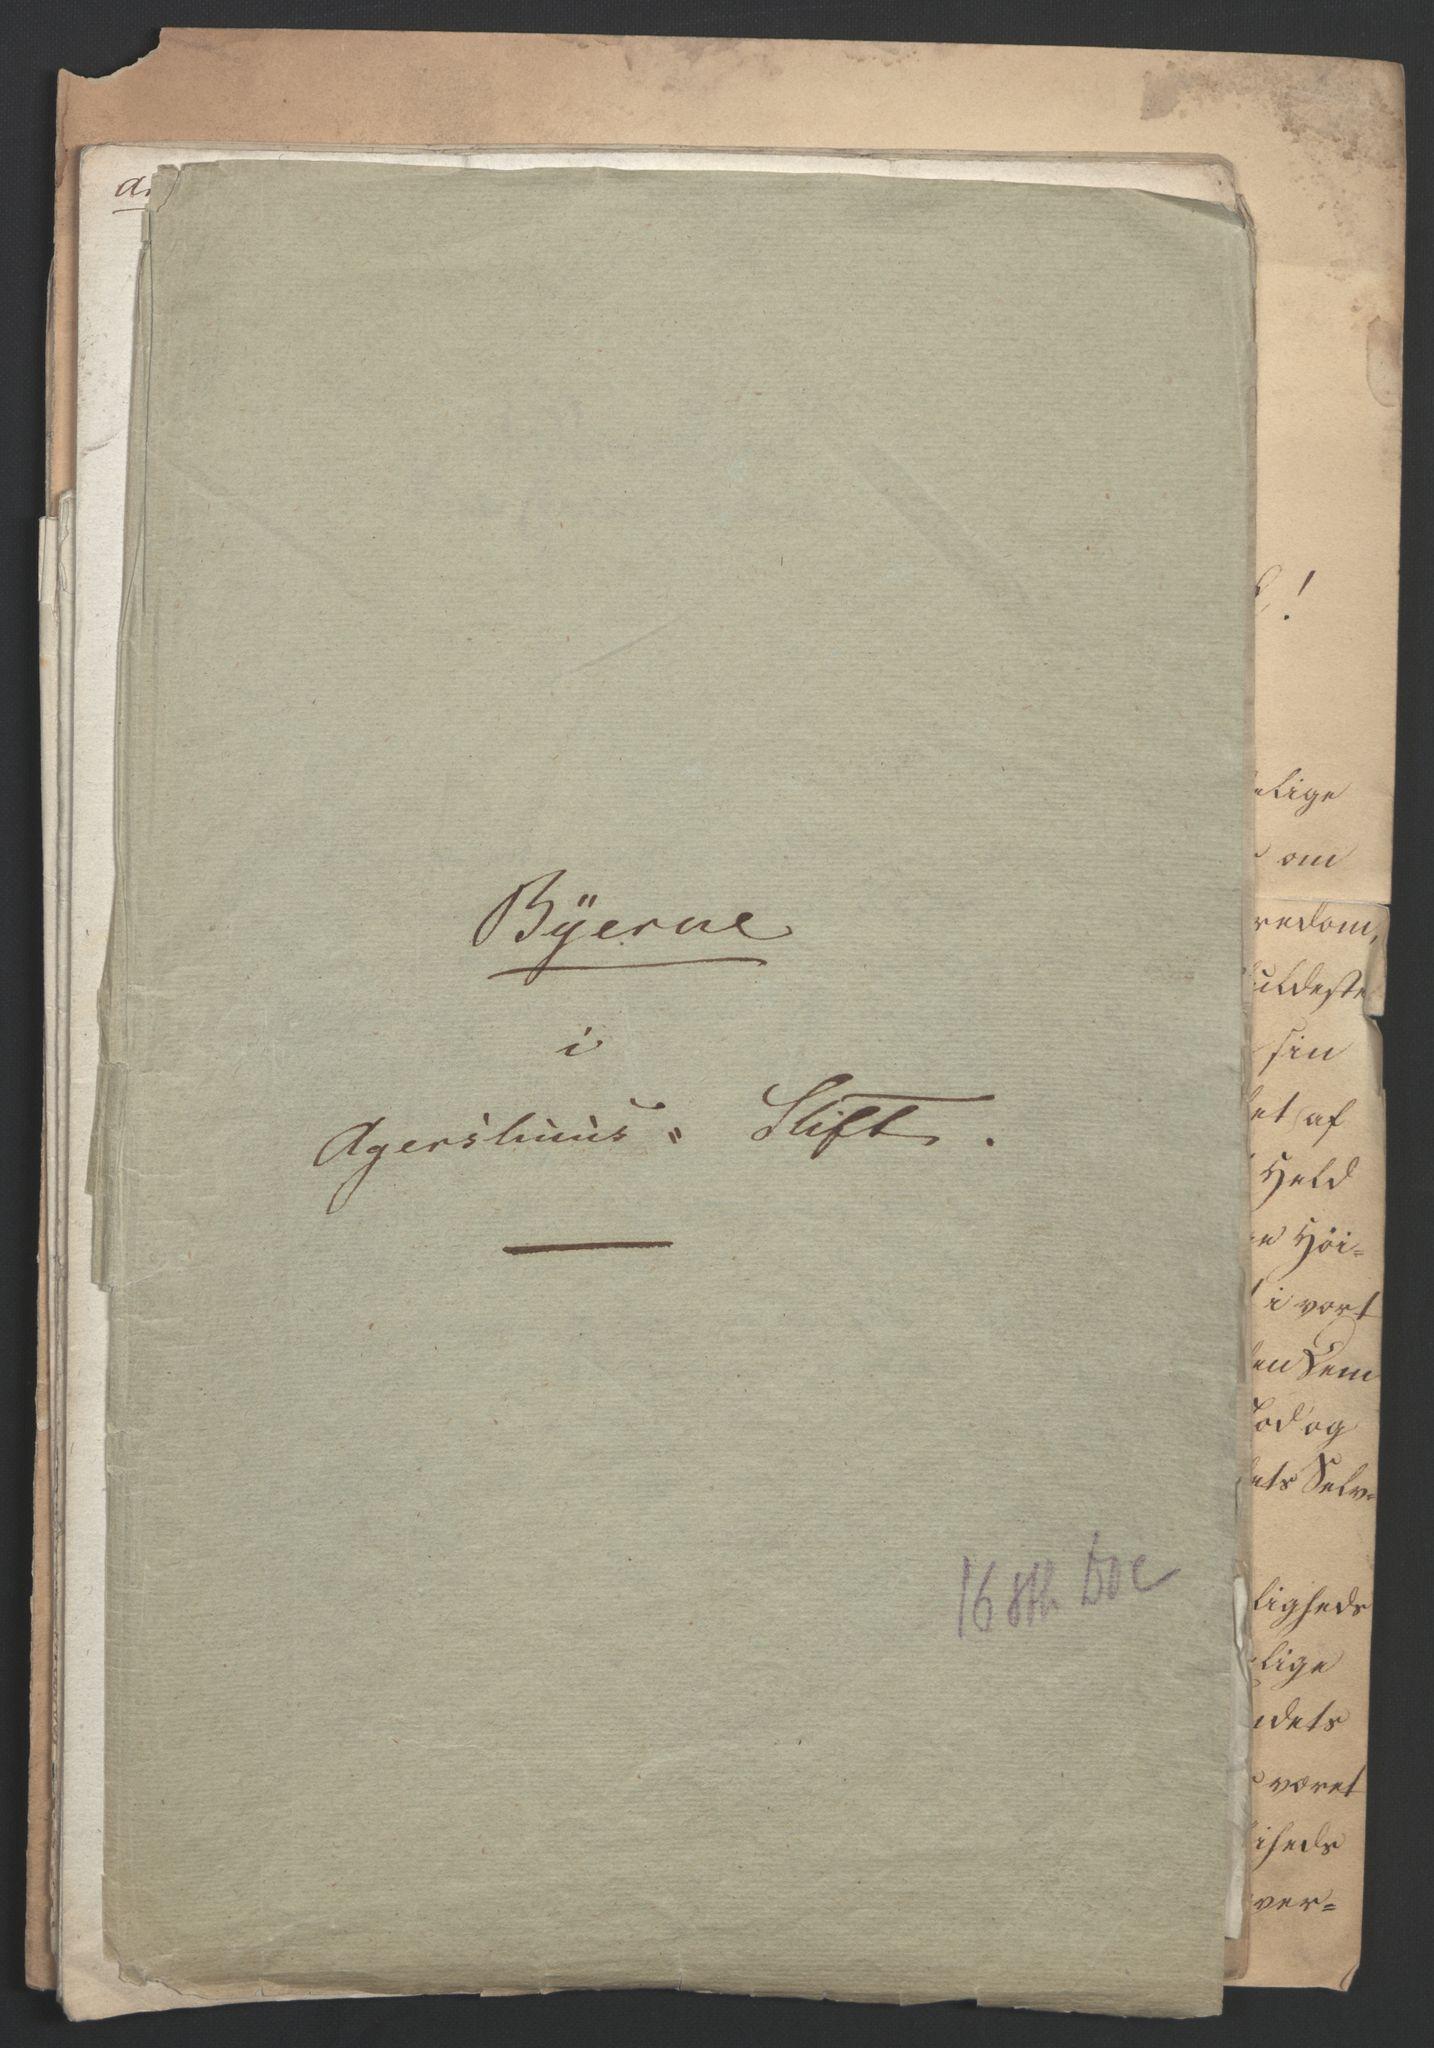 RA, Statsrådssekretariatet, D/Db/L0007: Fullmakter for Eidsvollsrepresentantene i 1814. , 1814, p. 2